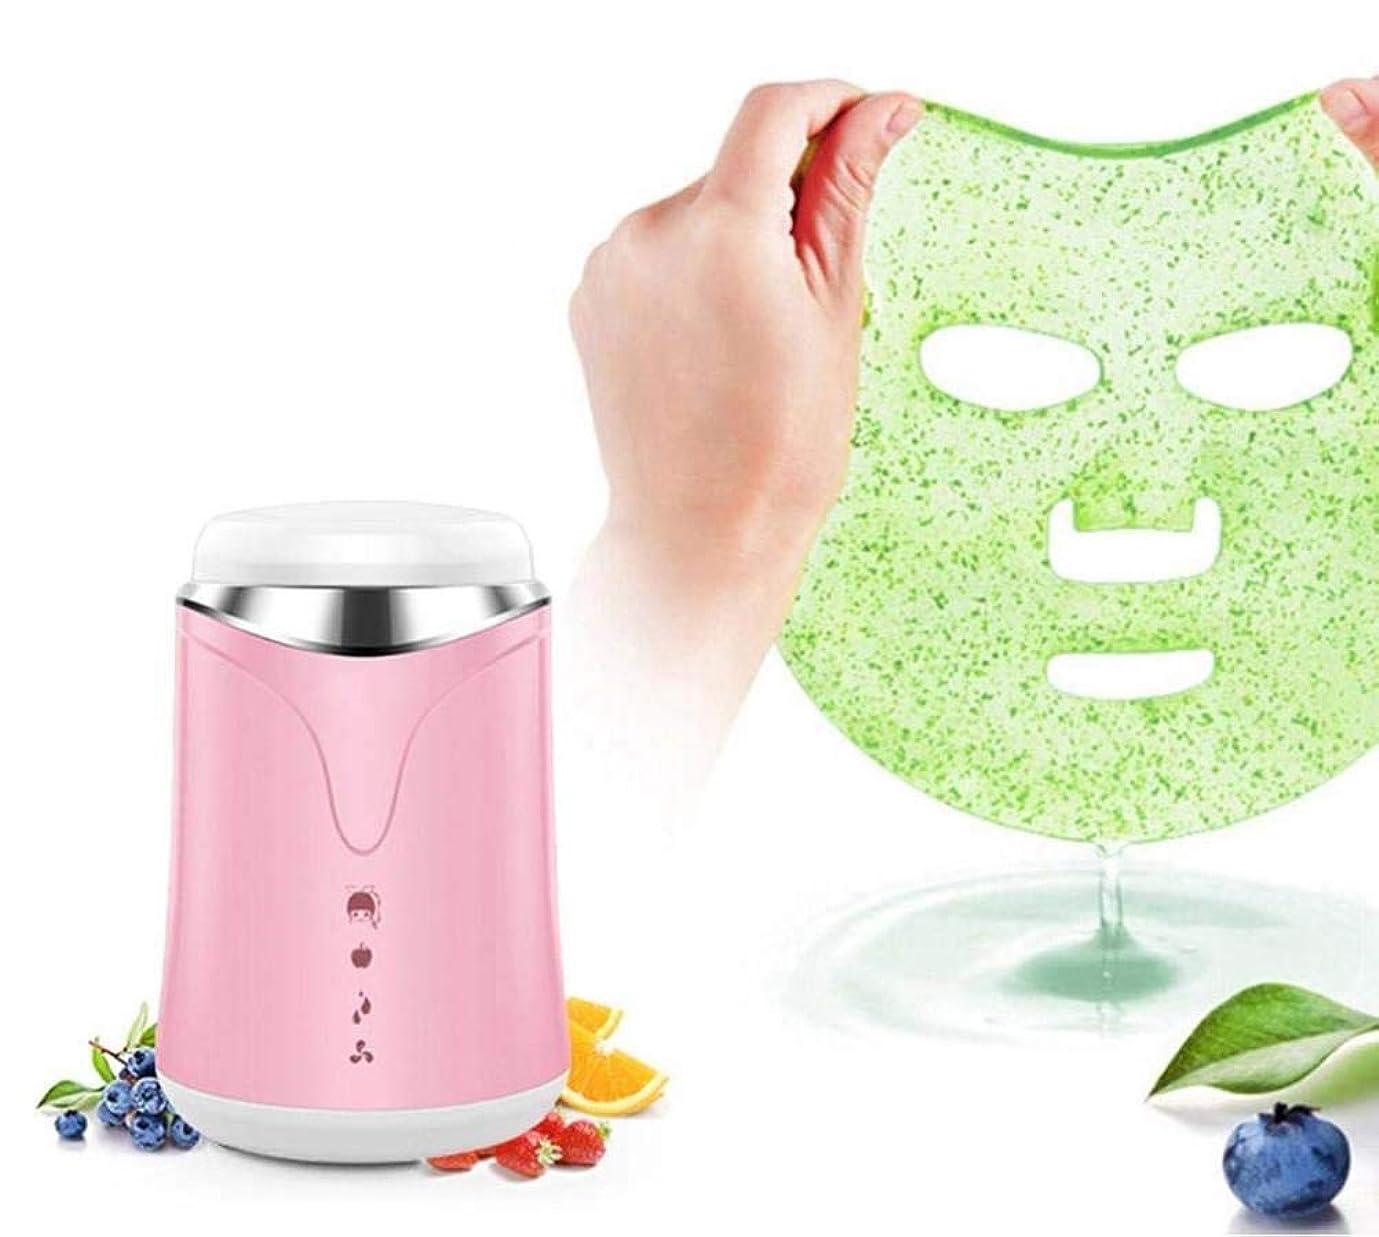 不平を言う葬儀素晴らしい果物と野菜のマスクを作るマシン、顔の汽船インテリジェント自動フェイシャルケア機器/保湿美容機器自家製の液体マスク,Pink